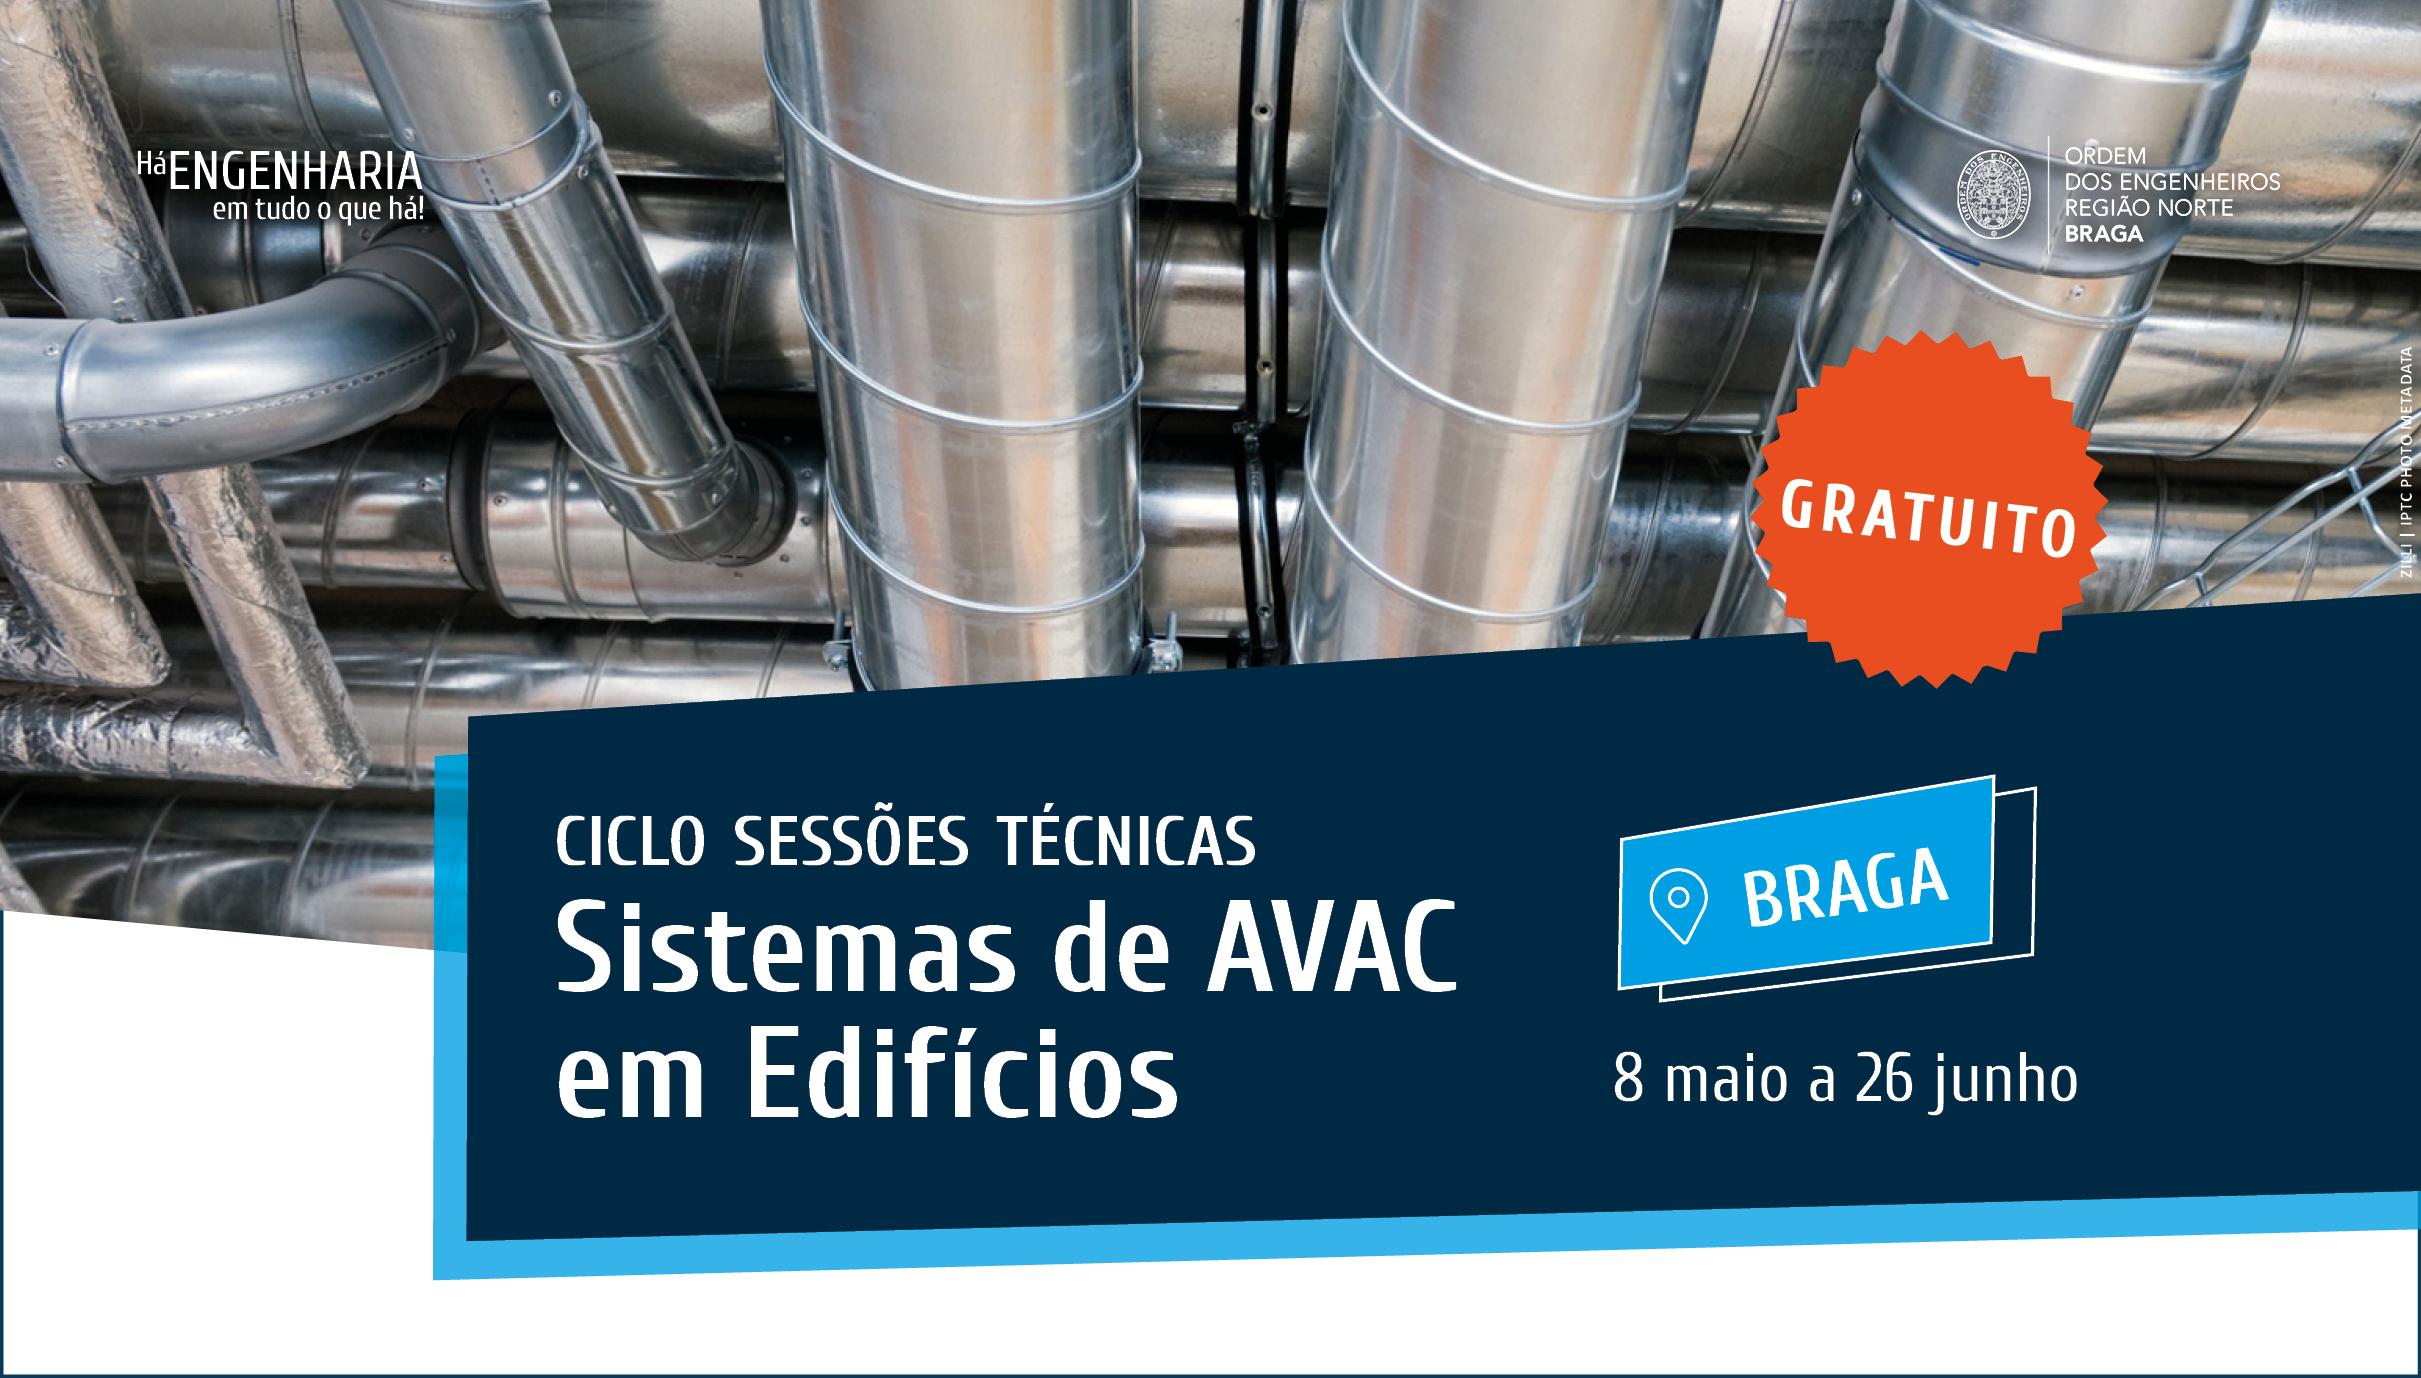 Plataforma Notícias Ordem Engenheiros Região Norte - Ciclo de Sessões Técnicas sobre Sistemas AVAC em Edifícios